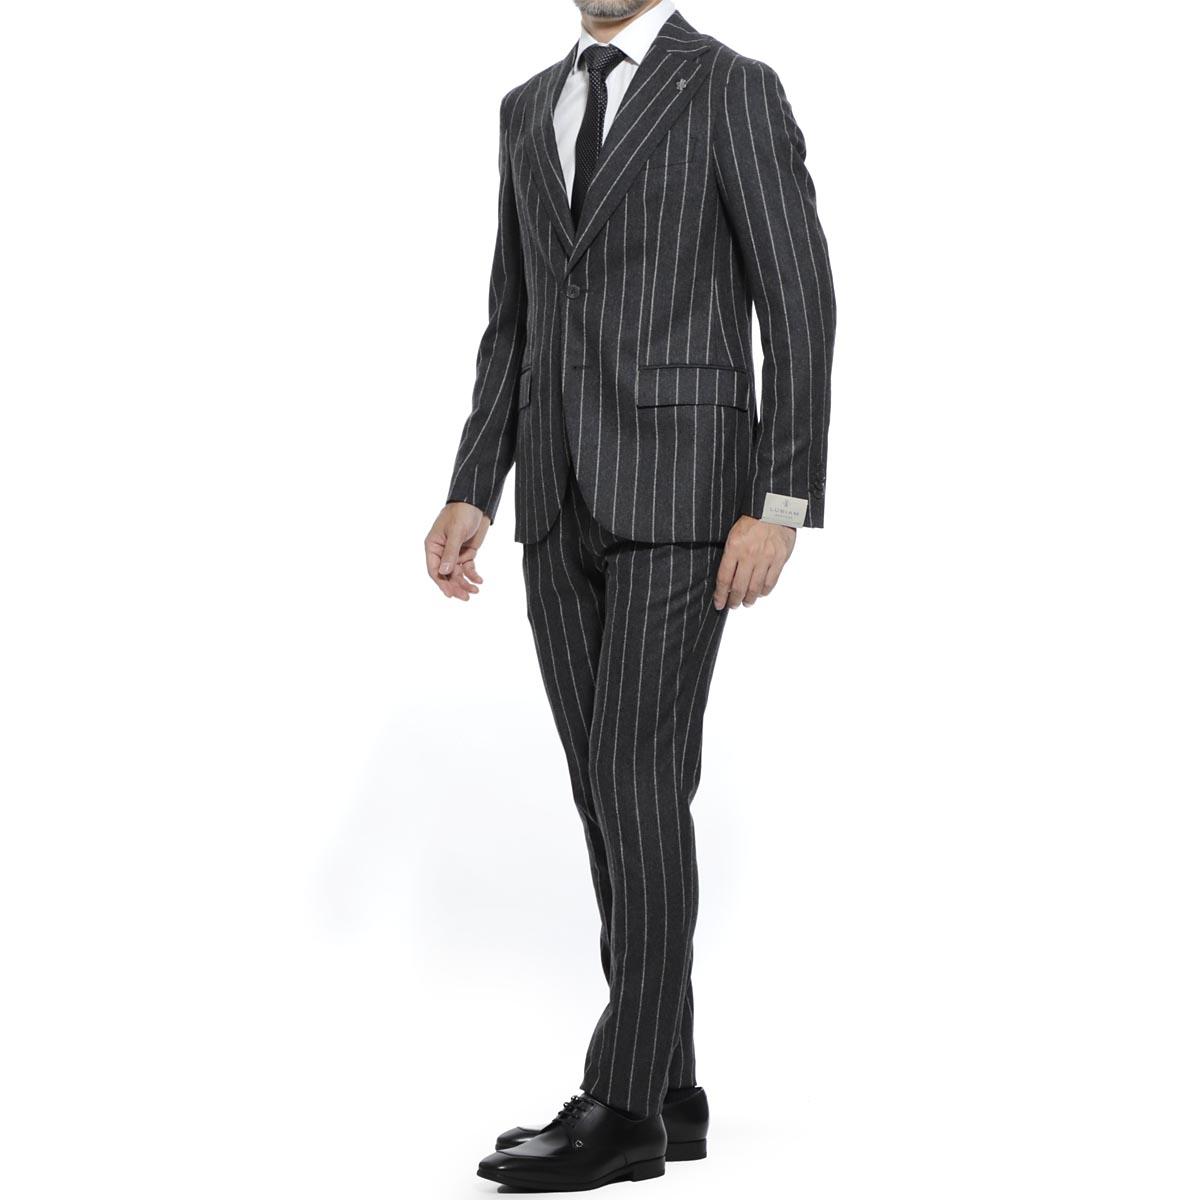 【アウトレット】ルビアム LUBIAM シングル 2つボタンスーツ グレー メンズ テーラード ジャケット カジュアル 大きいサイズあり 3148 93021 1 SOFT&SLIM SINGLE SUIT【あす楽対応_関東】【返品送料無料】